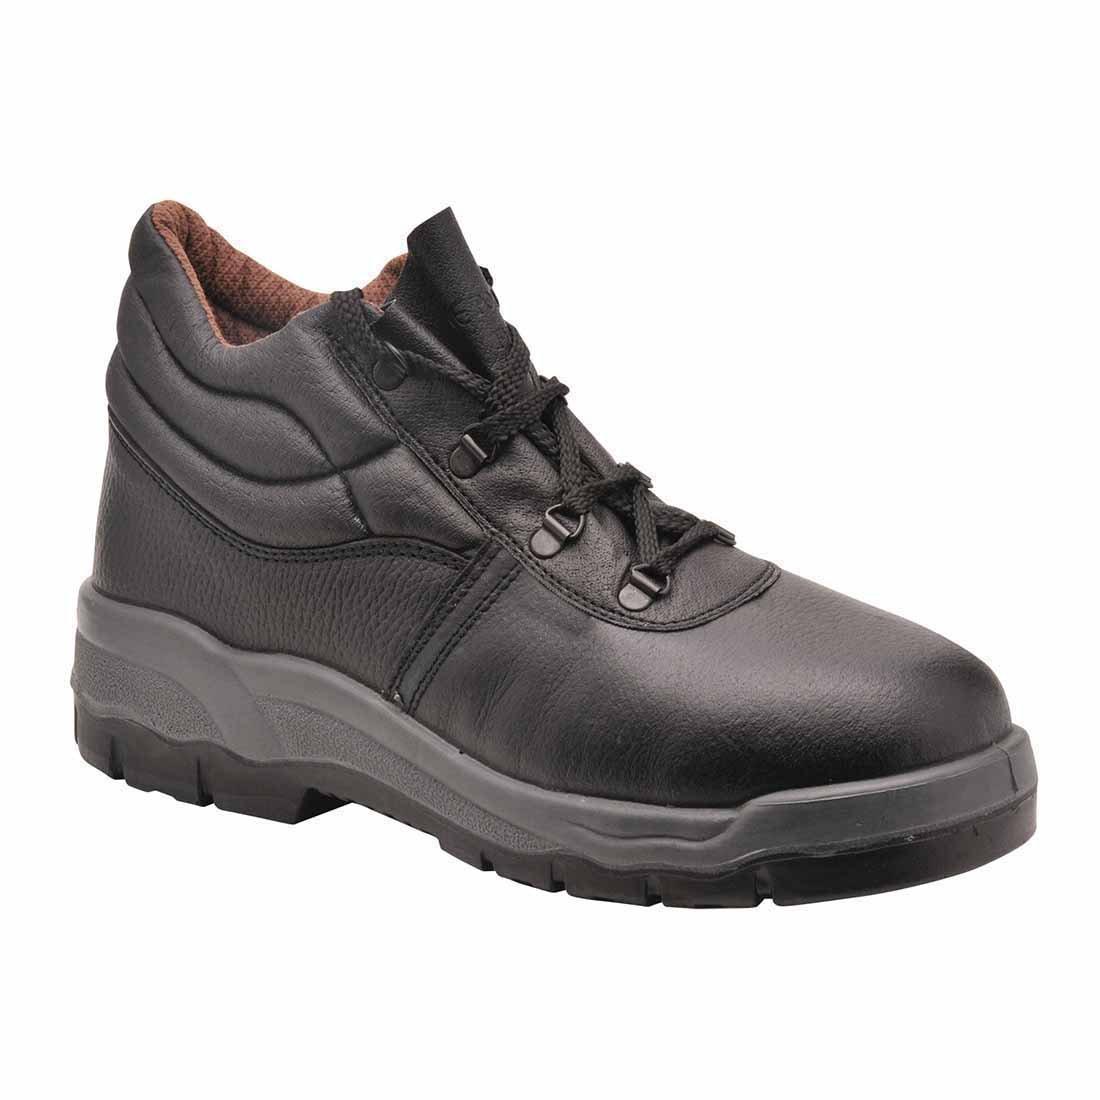 Portwest FW20 Chaussures de Chaussures sécurité, Portwest 38, noir B00P7ZC8S0 noir 9bfe35f - conorscully.space